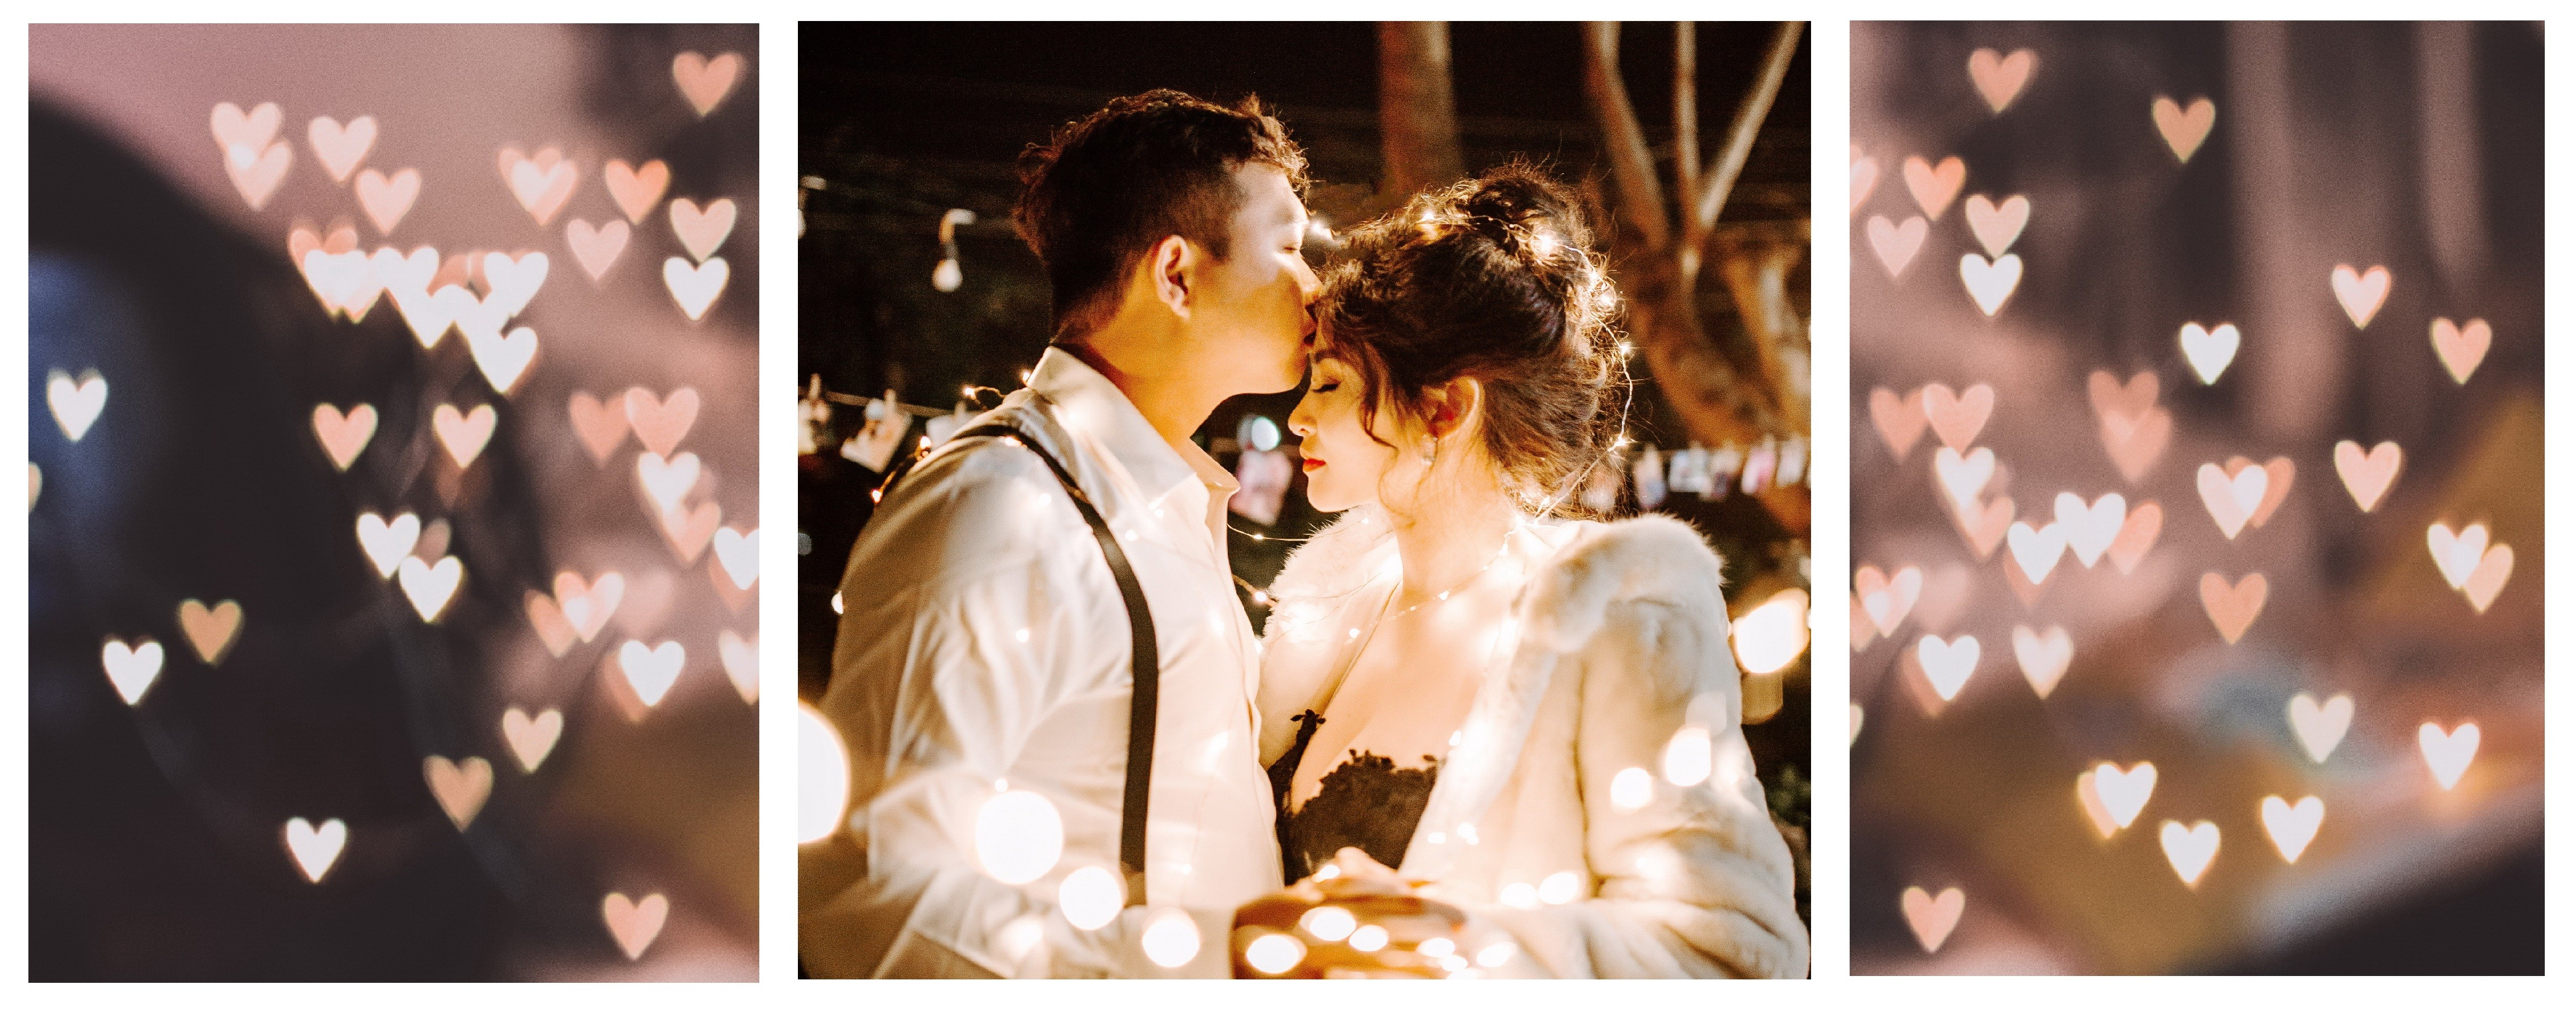 влюбленные, любовь, поцелуй, отношения пятого измерения, близнецовые души, духовное партнерство